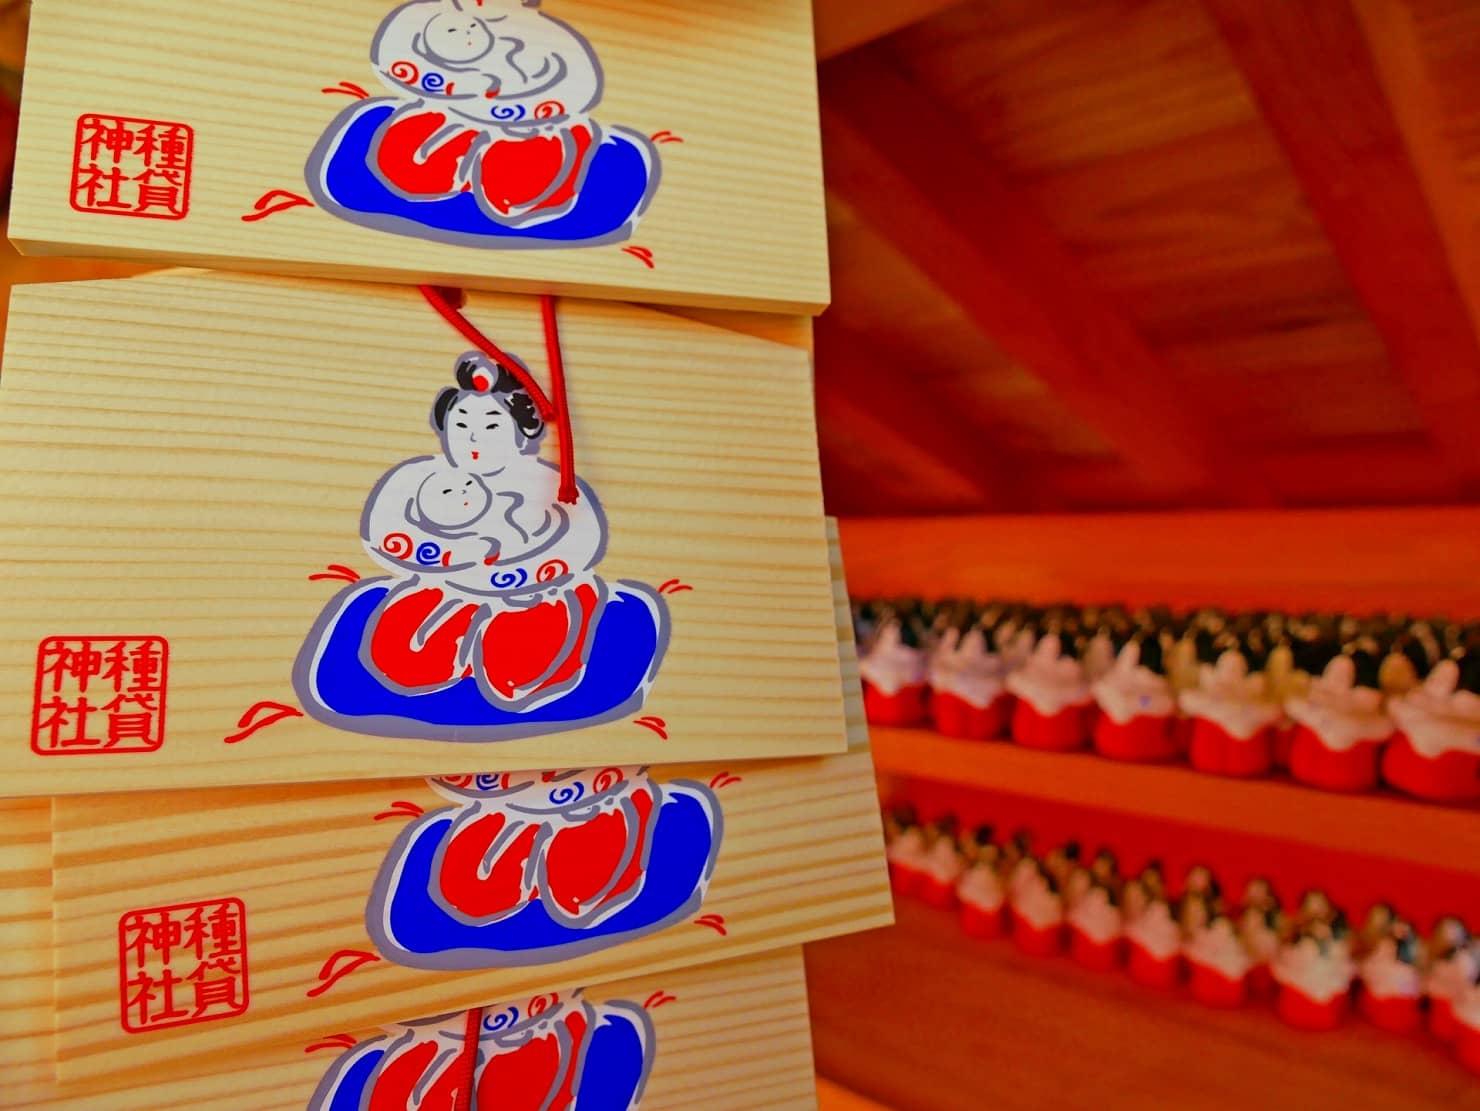 口コミで人気がある関西の子宝神社、子授け寺はどこ? 都道府県別に紹介